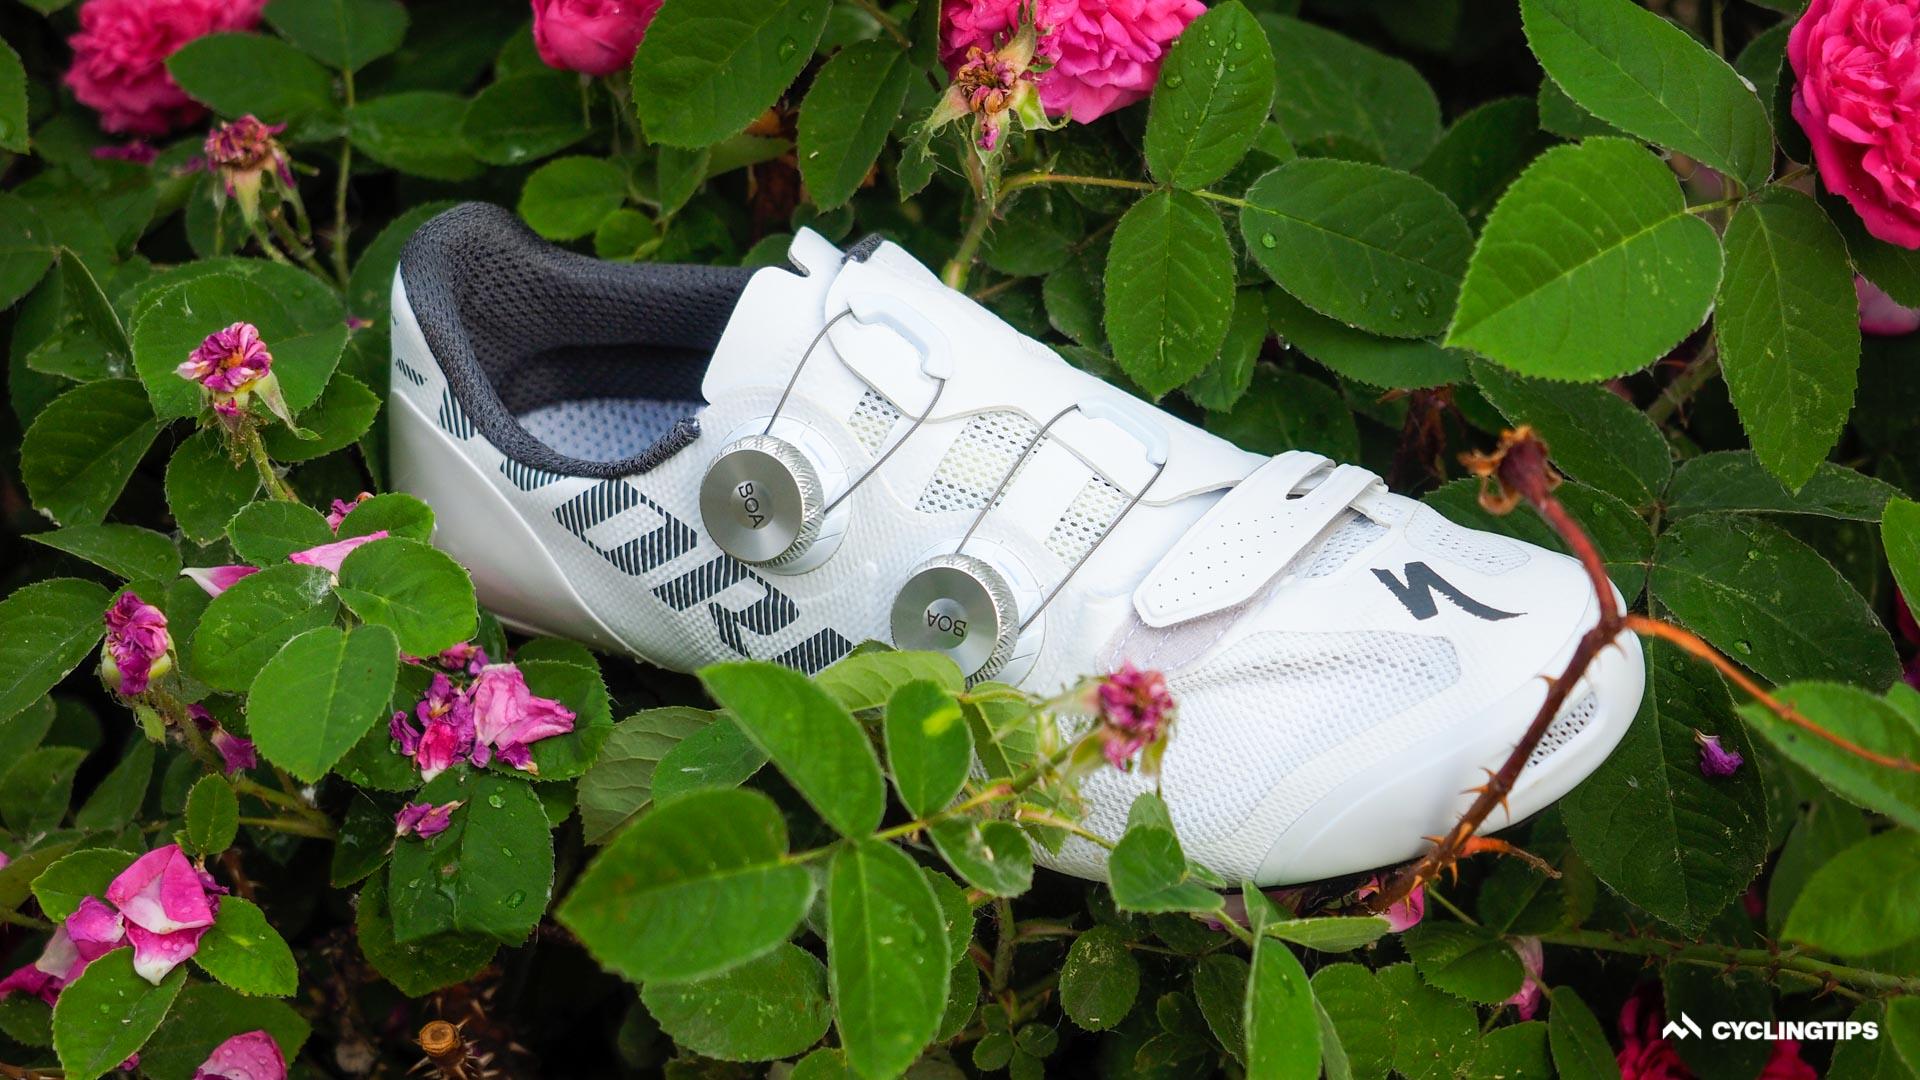 Gespecialiseerde S-Works Vent-schoenreview: luchtig als Exos, met minder compromissen